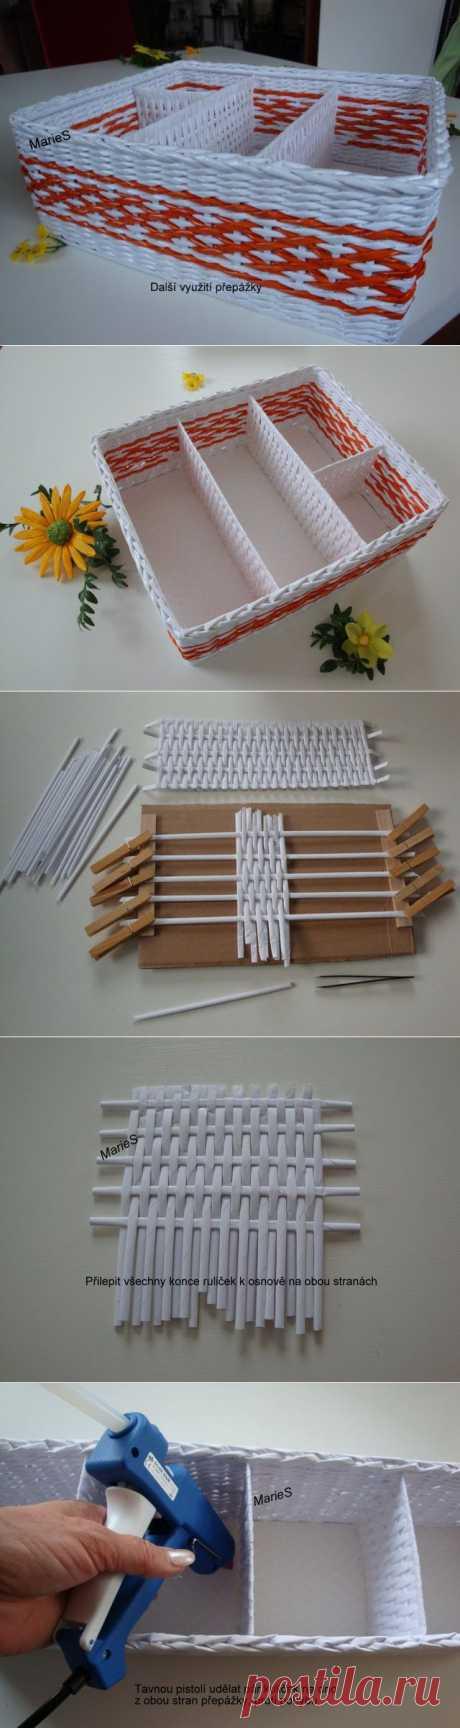 Как сделать коробочку с перегородками: плетение из бумажных трубочек | Умелые ручки